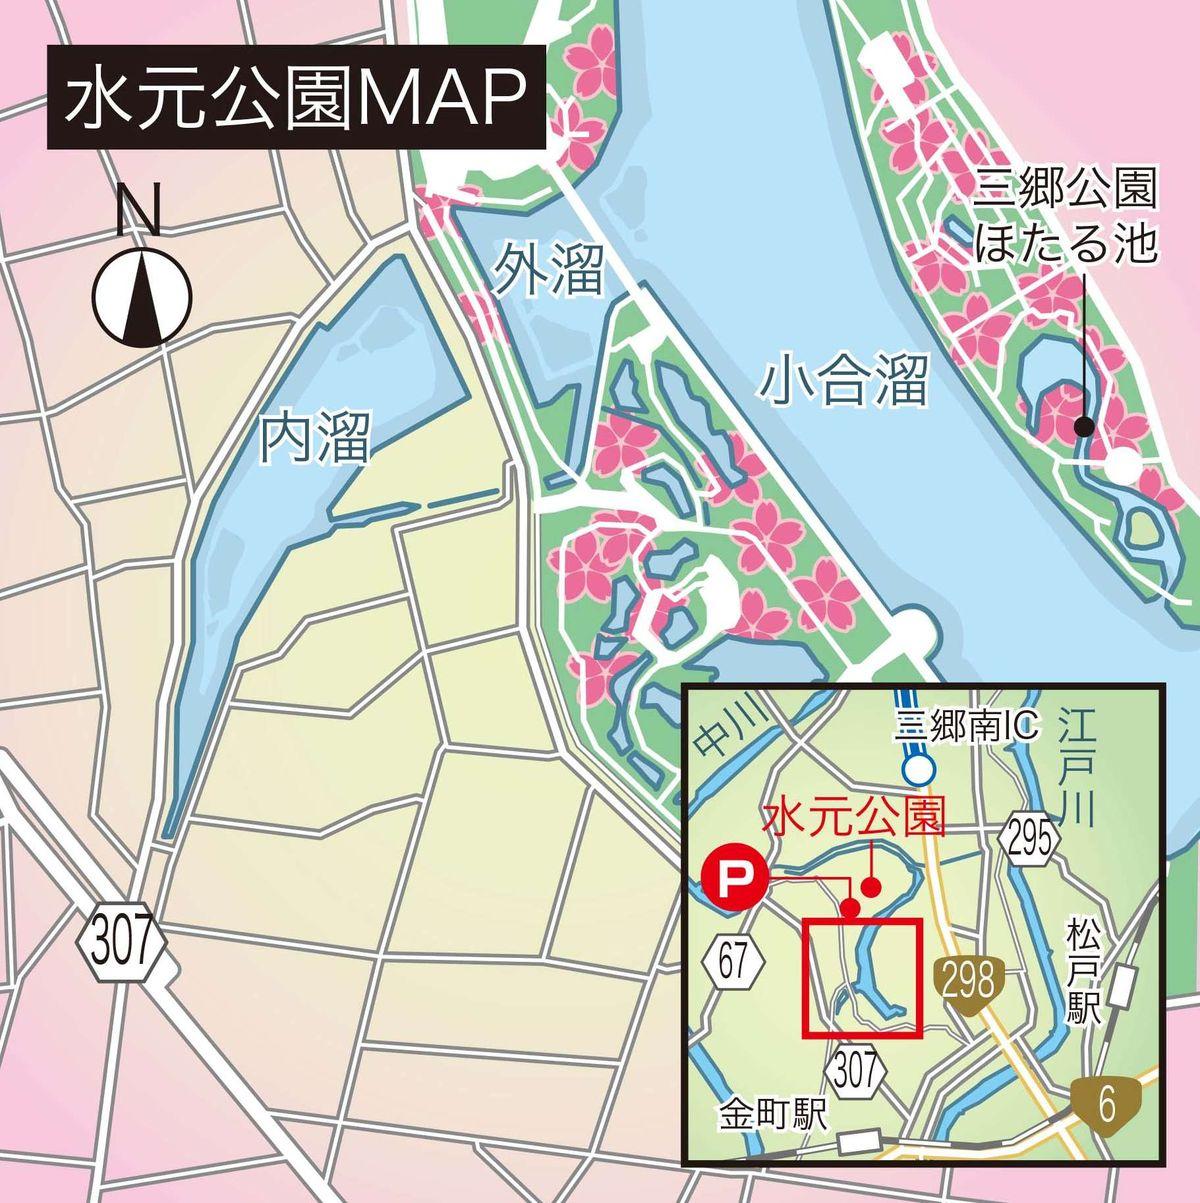 031-035ohanami_tsuriba_cs6 (3)